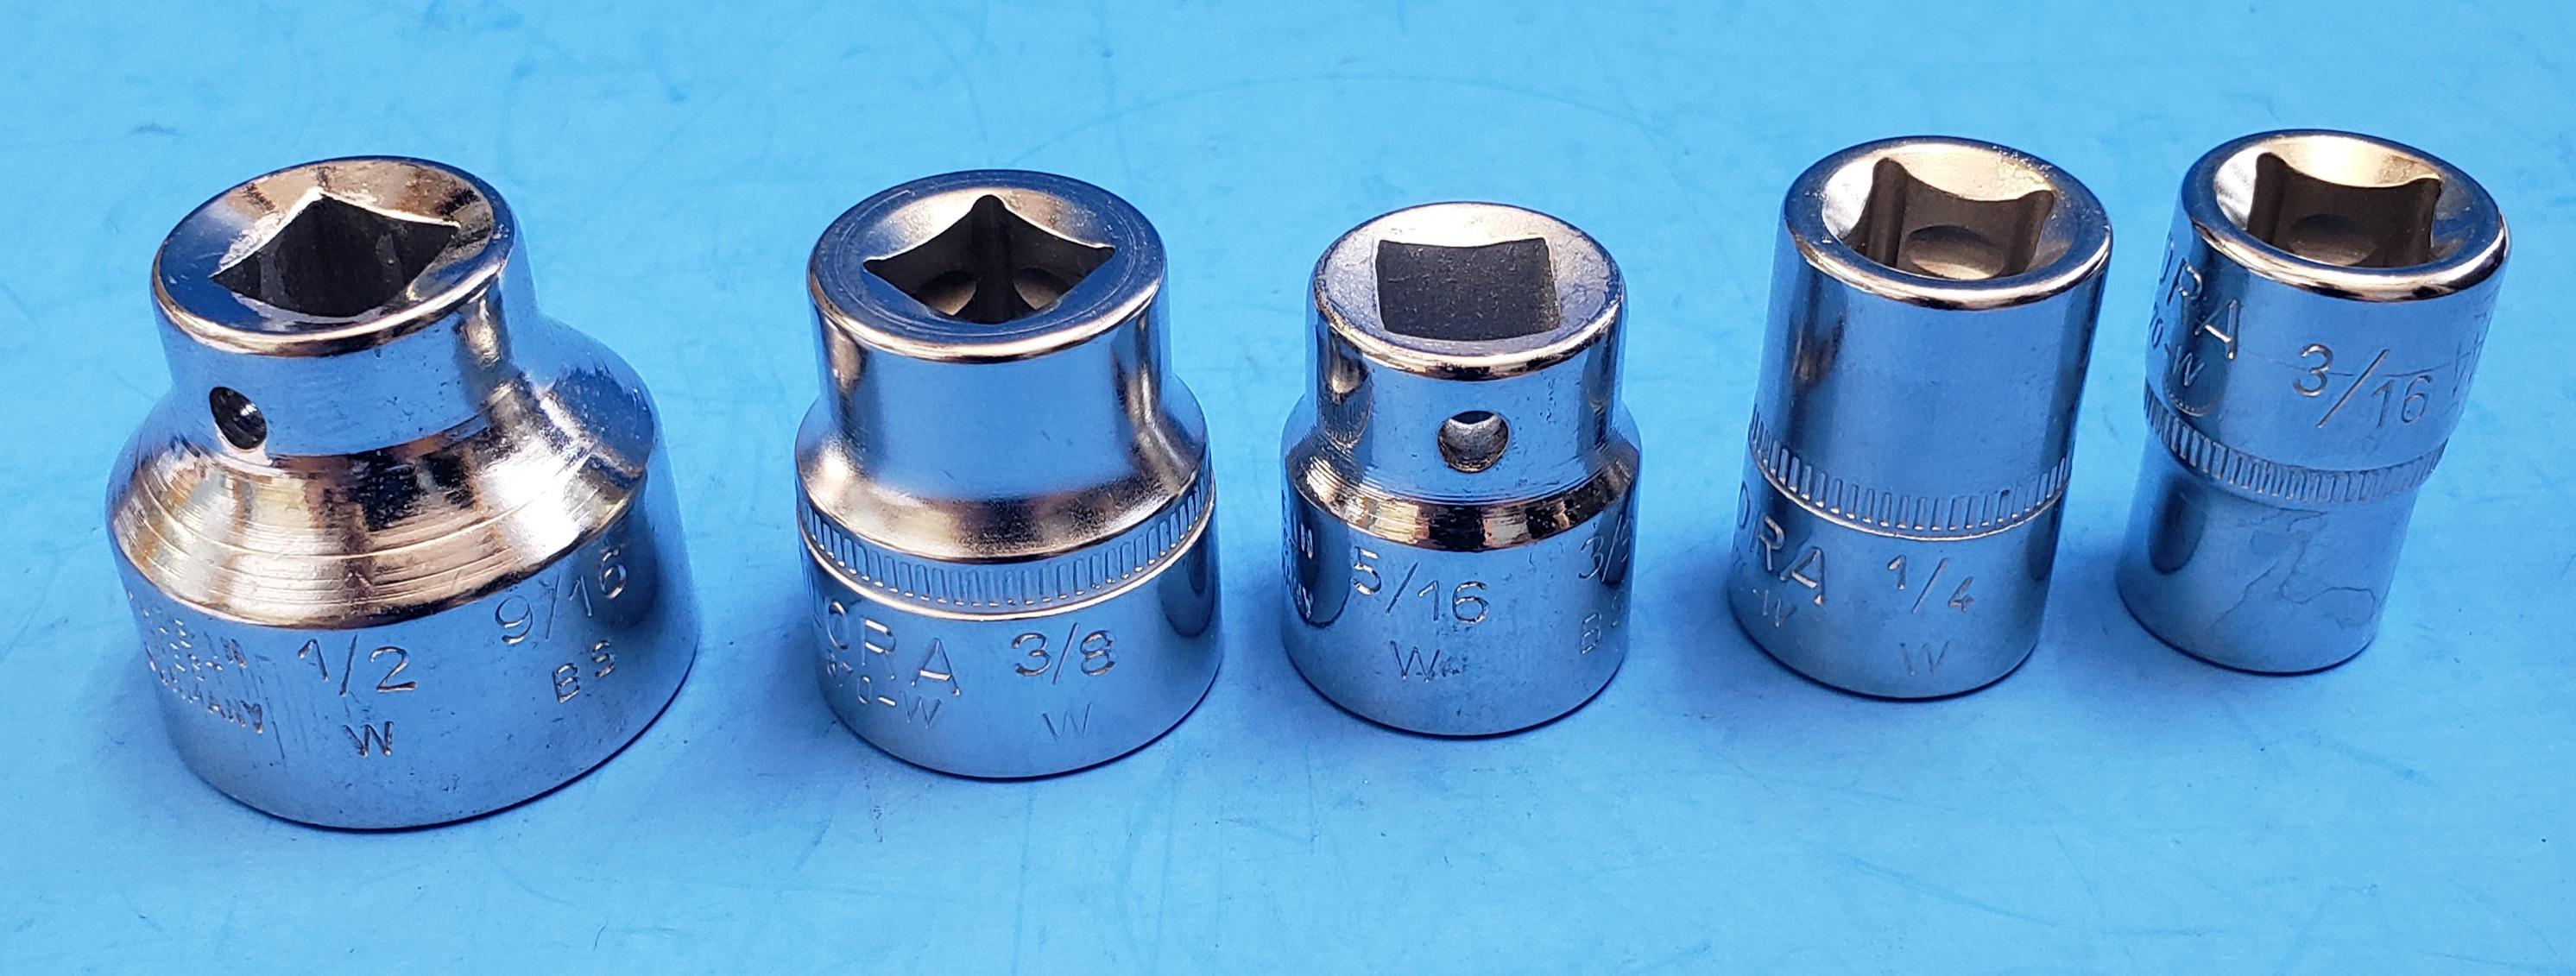 LH linksschneidend HSS Schneideisen DIN EN 22568 Durchmesser = 12,700 mm British Standard Whitworth BSW nach DIN 11: 1//2 x 12